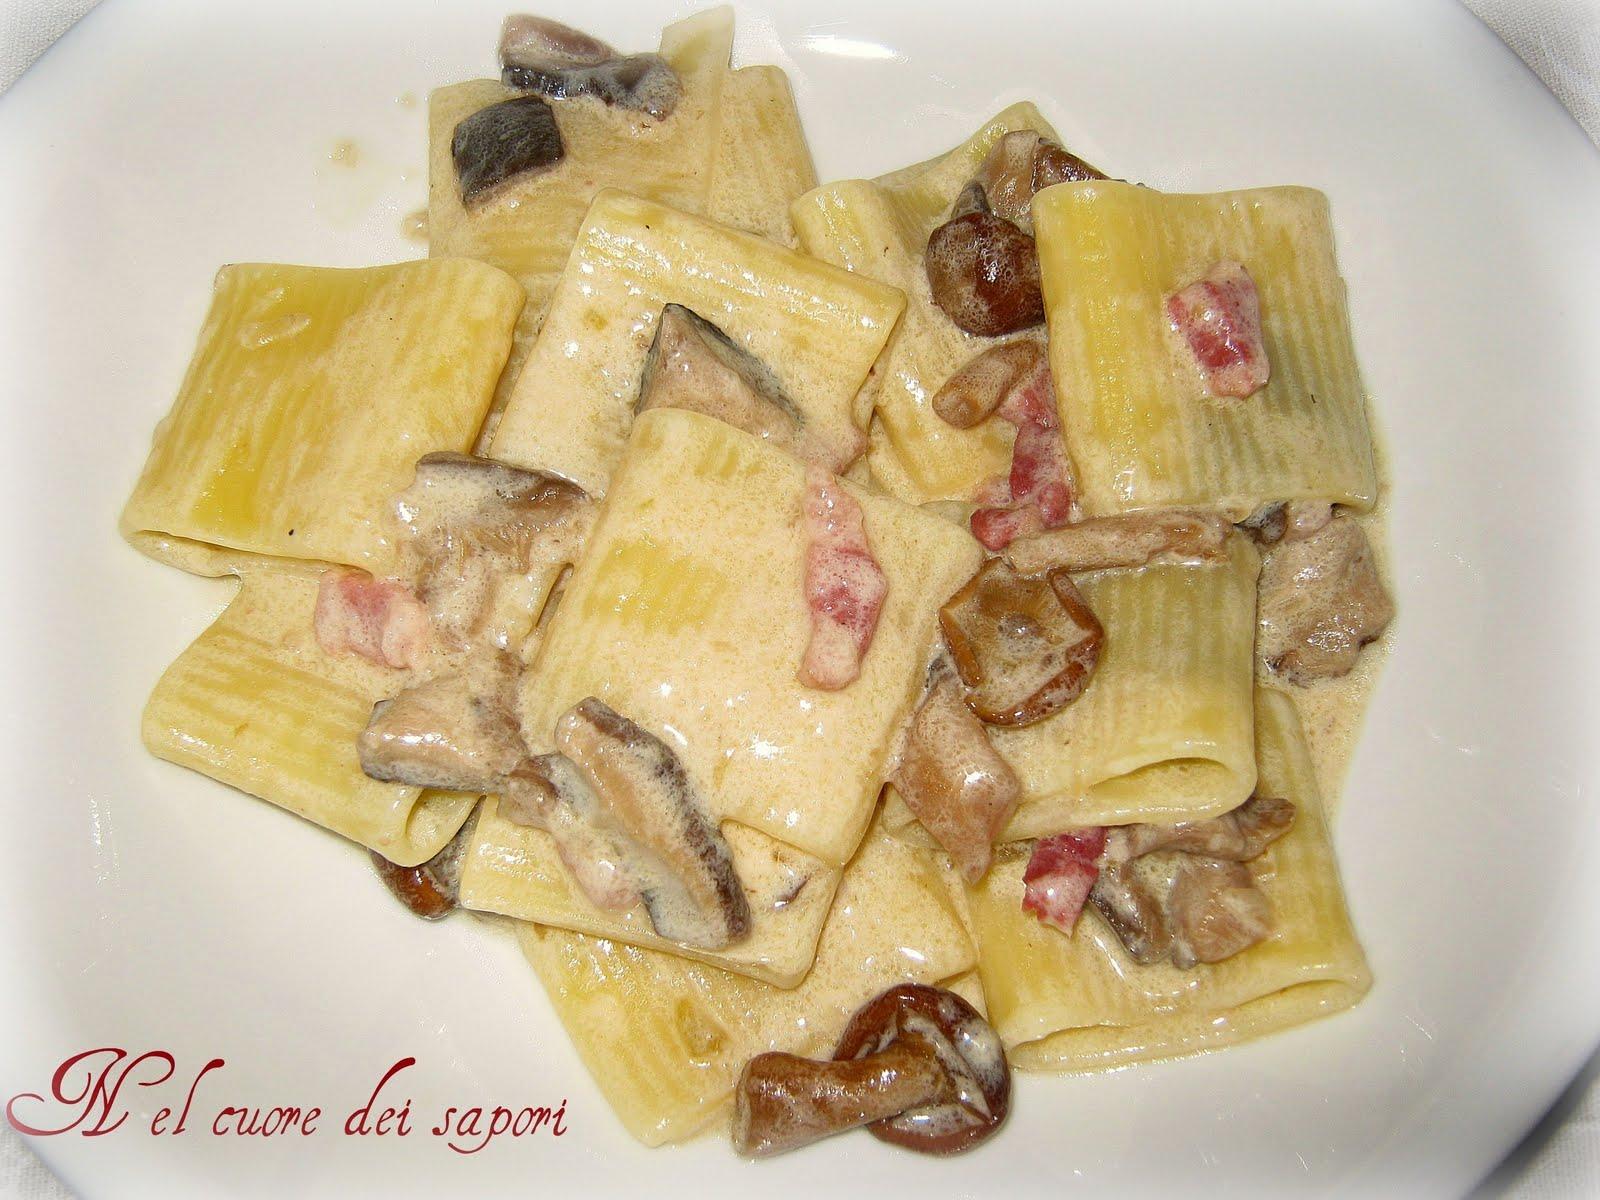 Ricetta pasta con funghi zucchine e panna